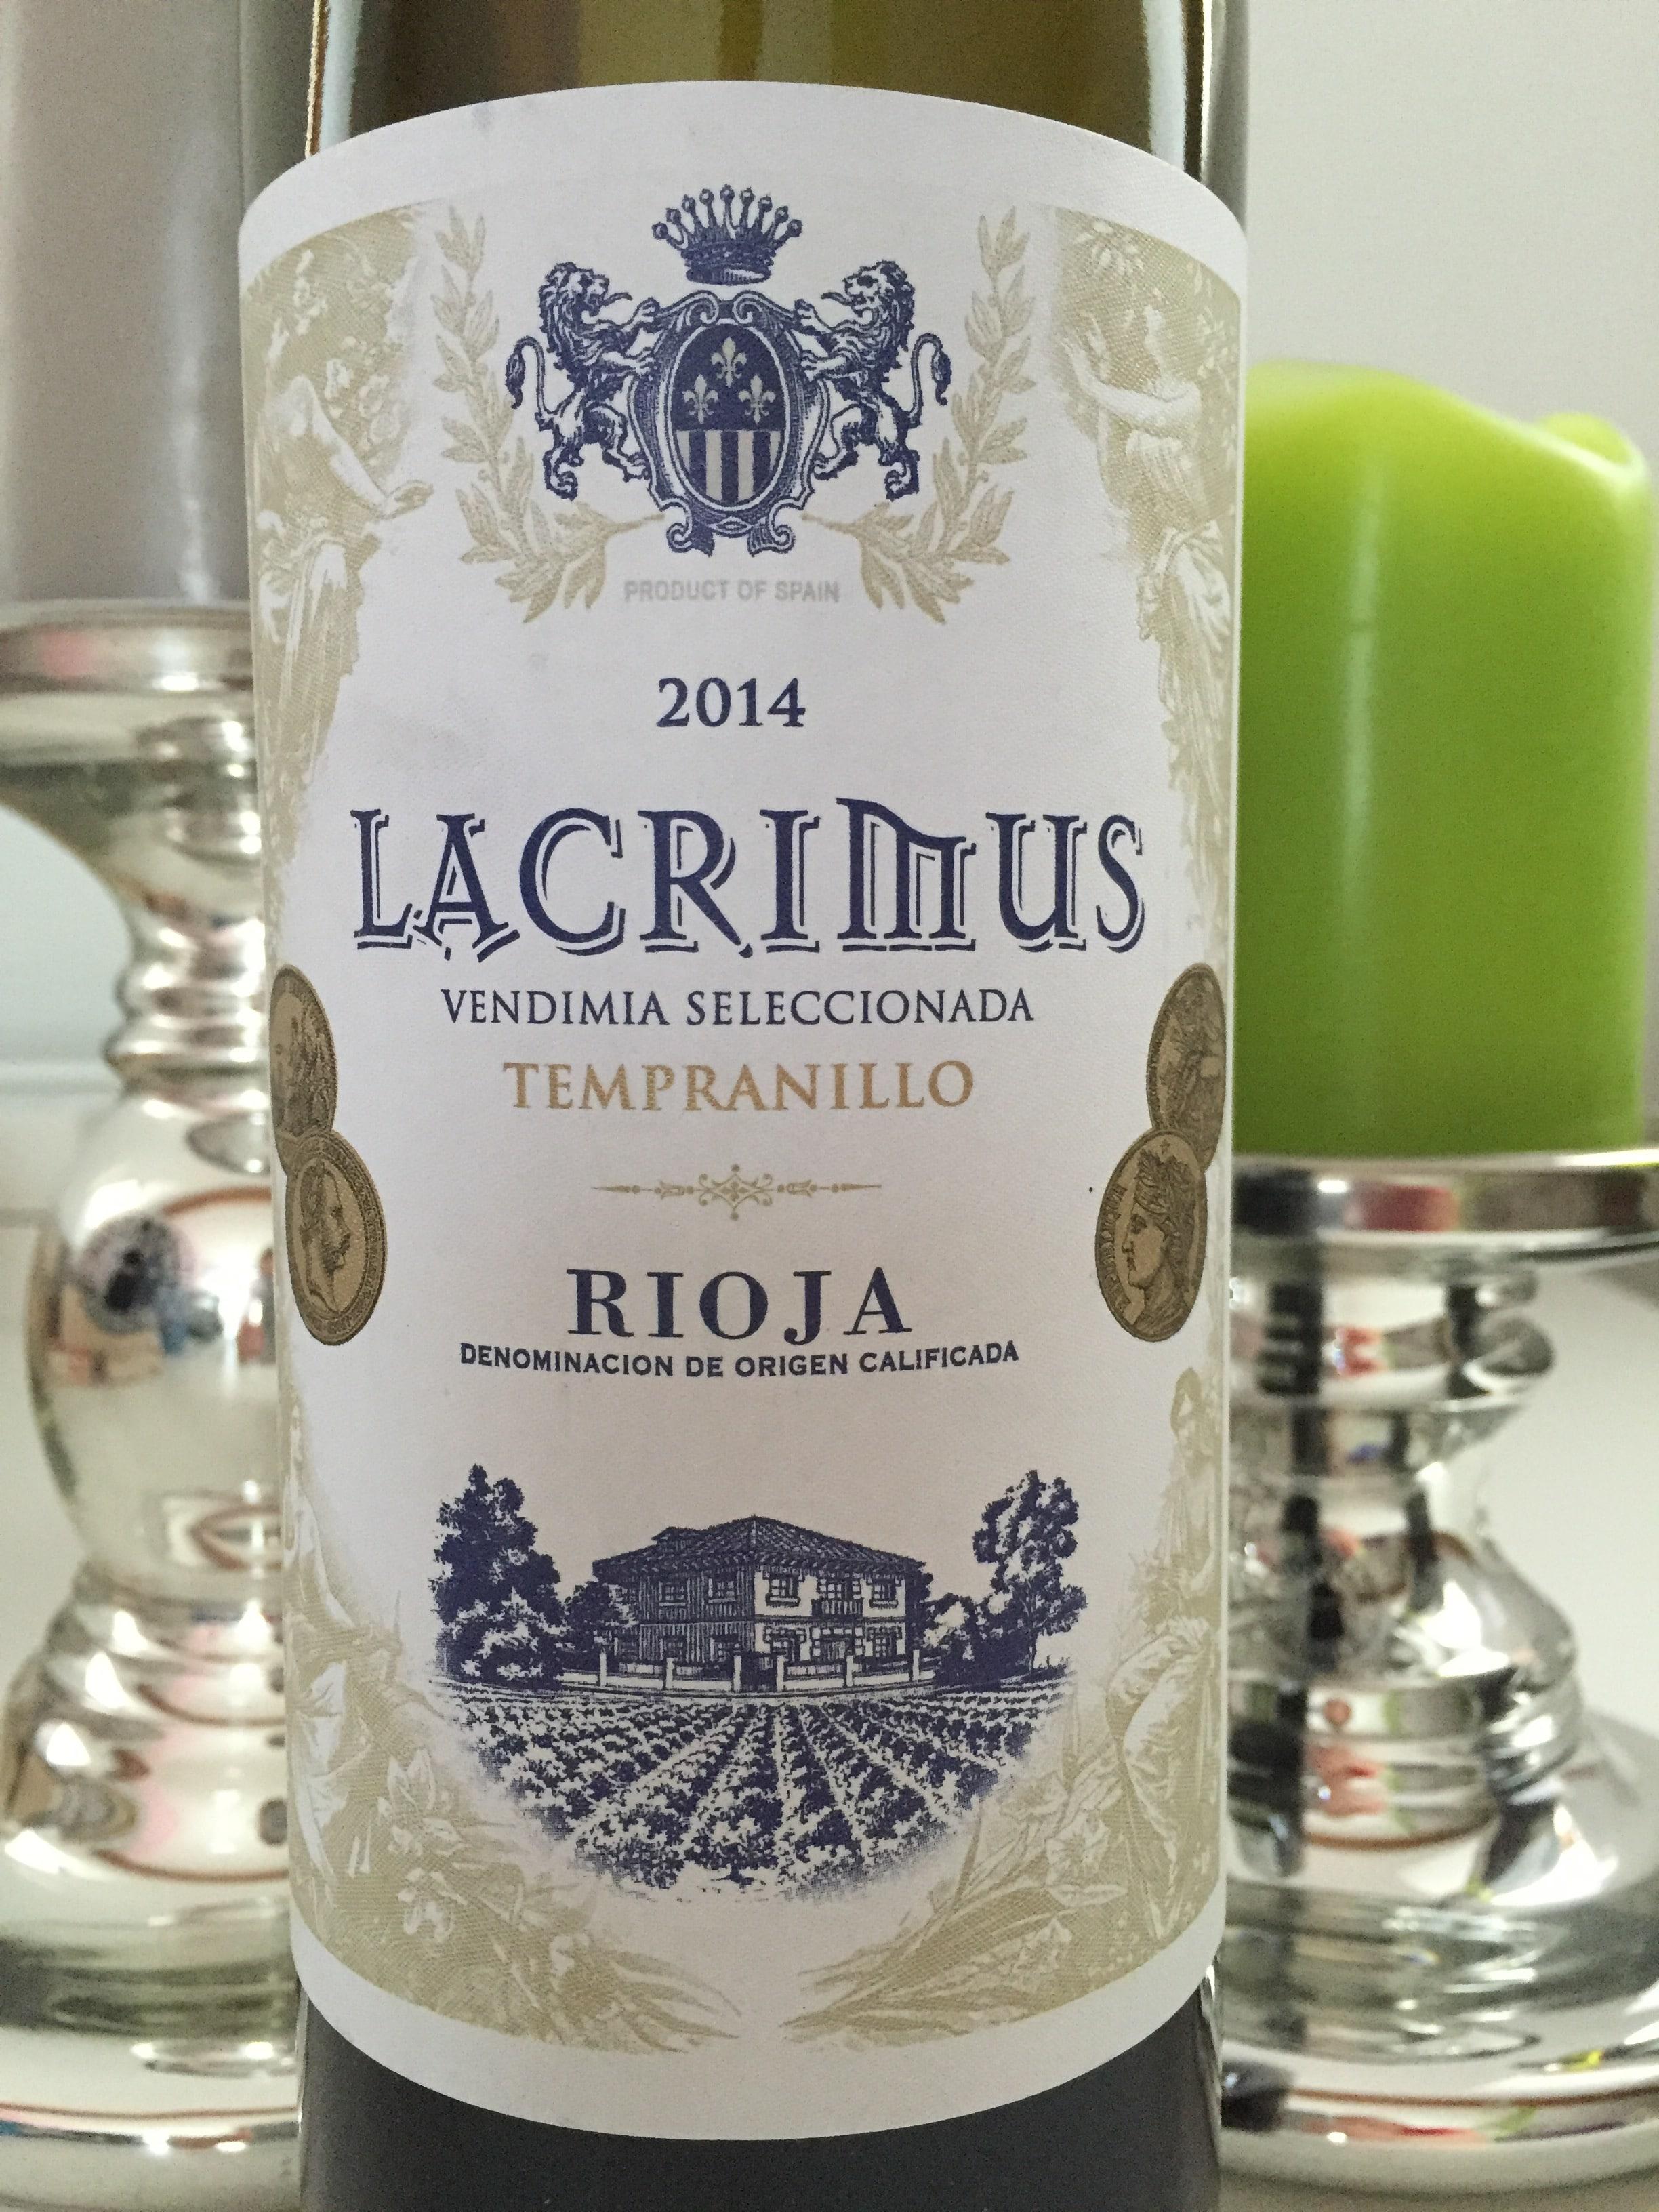 Lacrimus Vendimia Seleccionada Tempranillo Rioja 2014